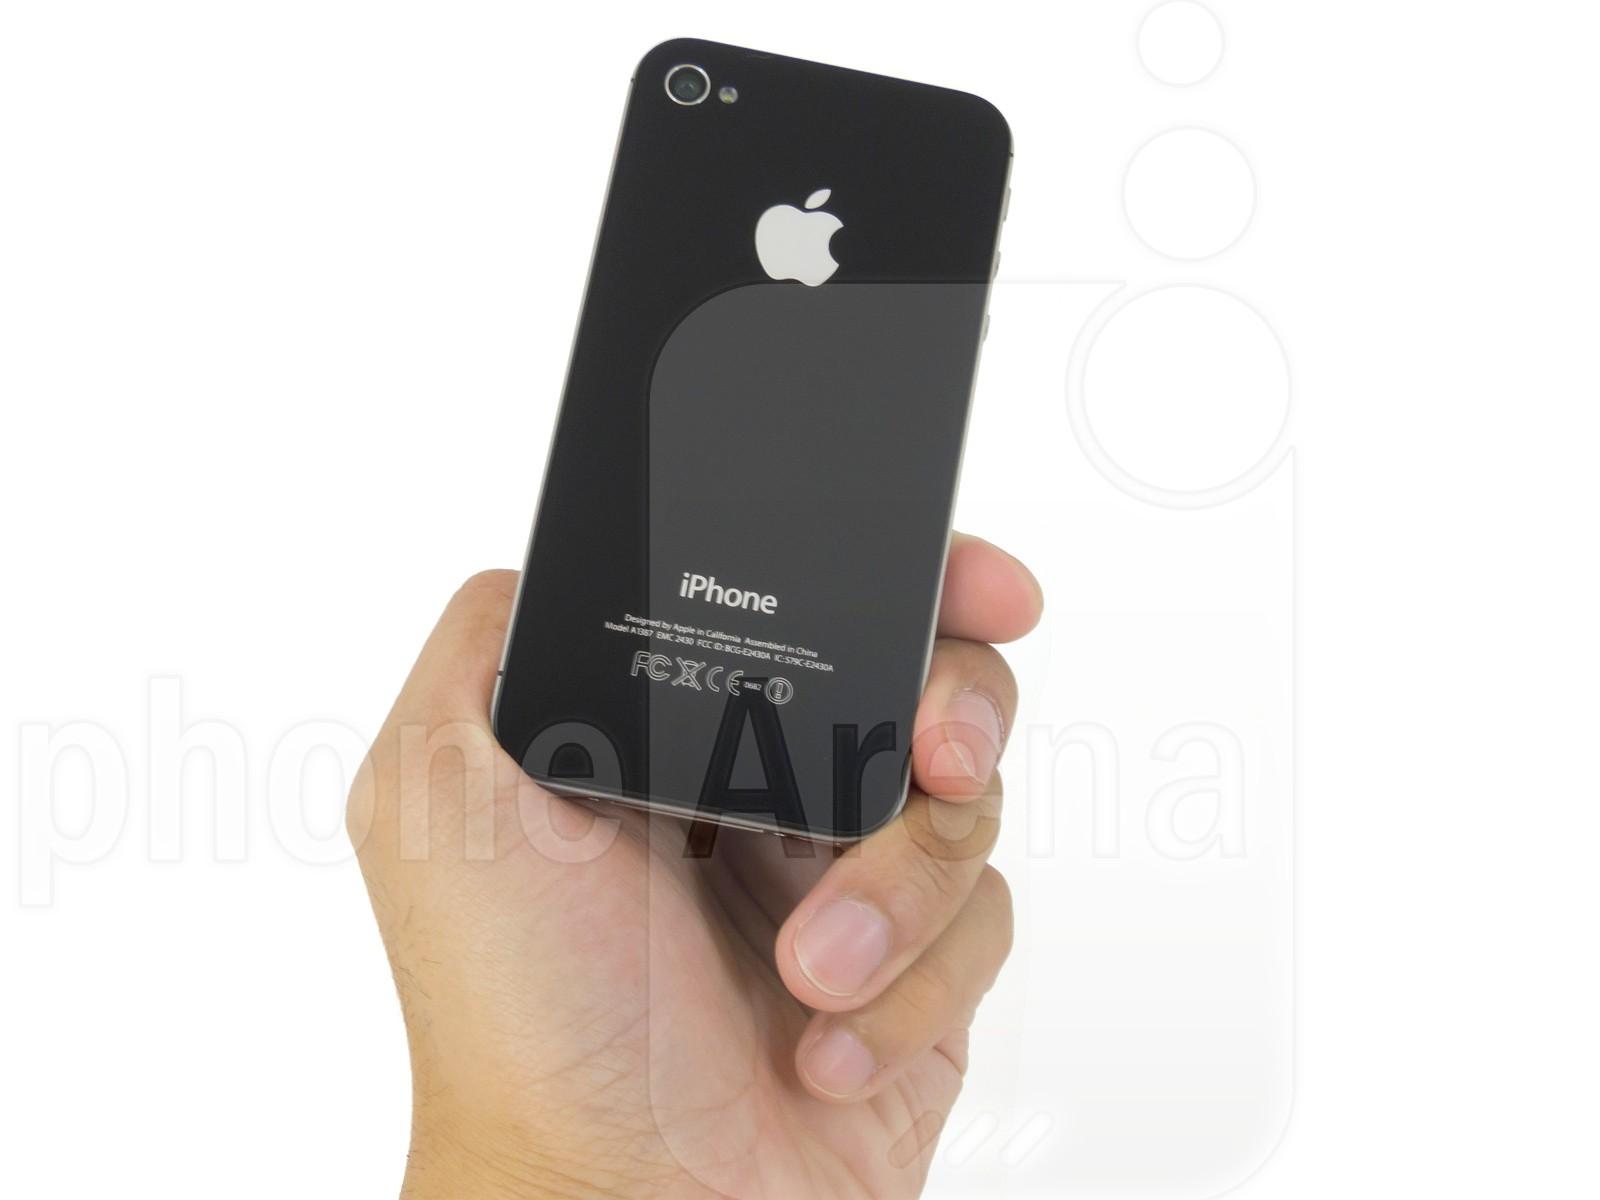 Apple iPhone 4s 7